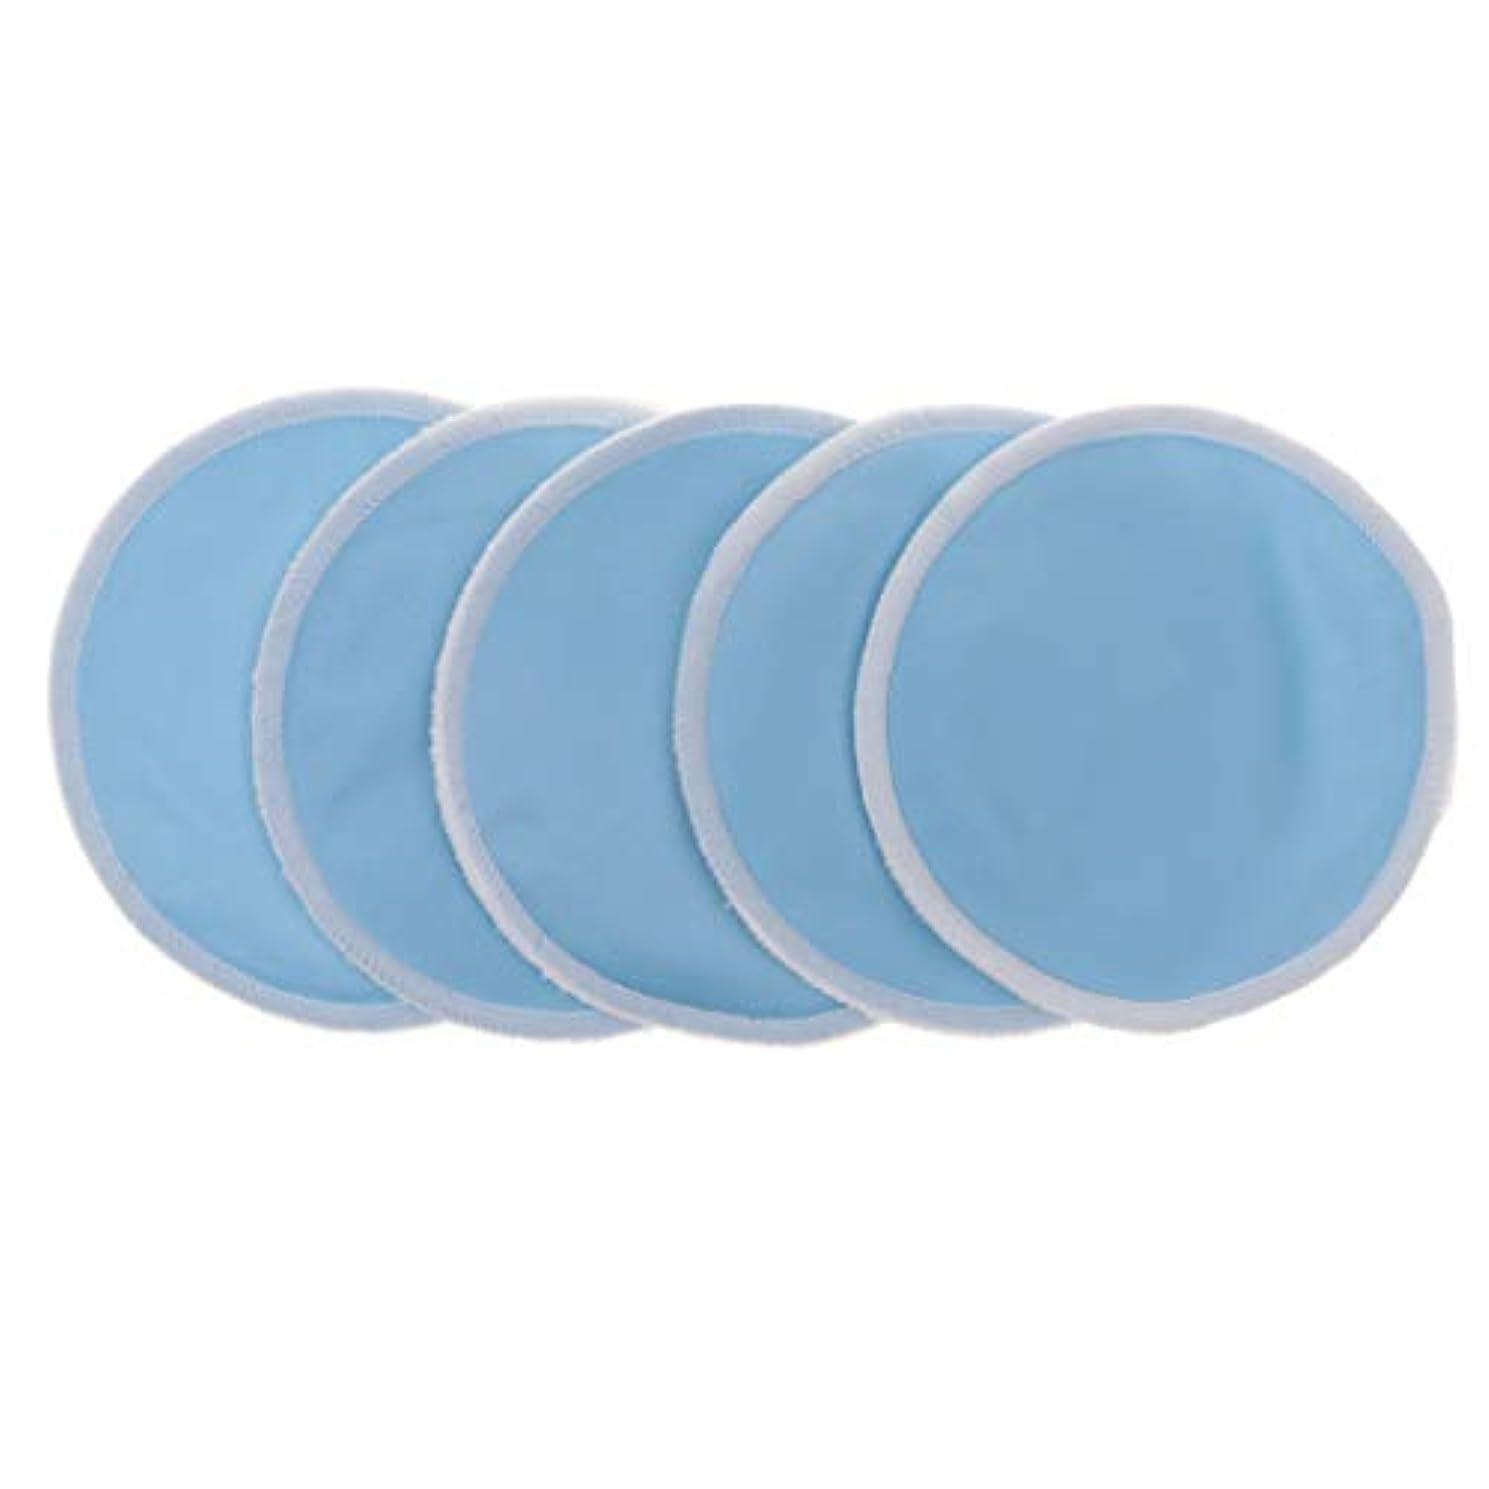 エレベーター信仰スキャンD DOLITY 全5色 胸パッド クレンジングシート メイクアップ 竹繊維 12cm 洗える 再使用可 実用的 5個入 - 青